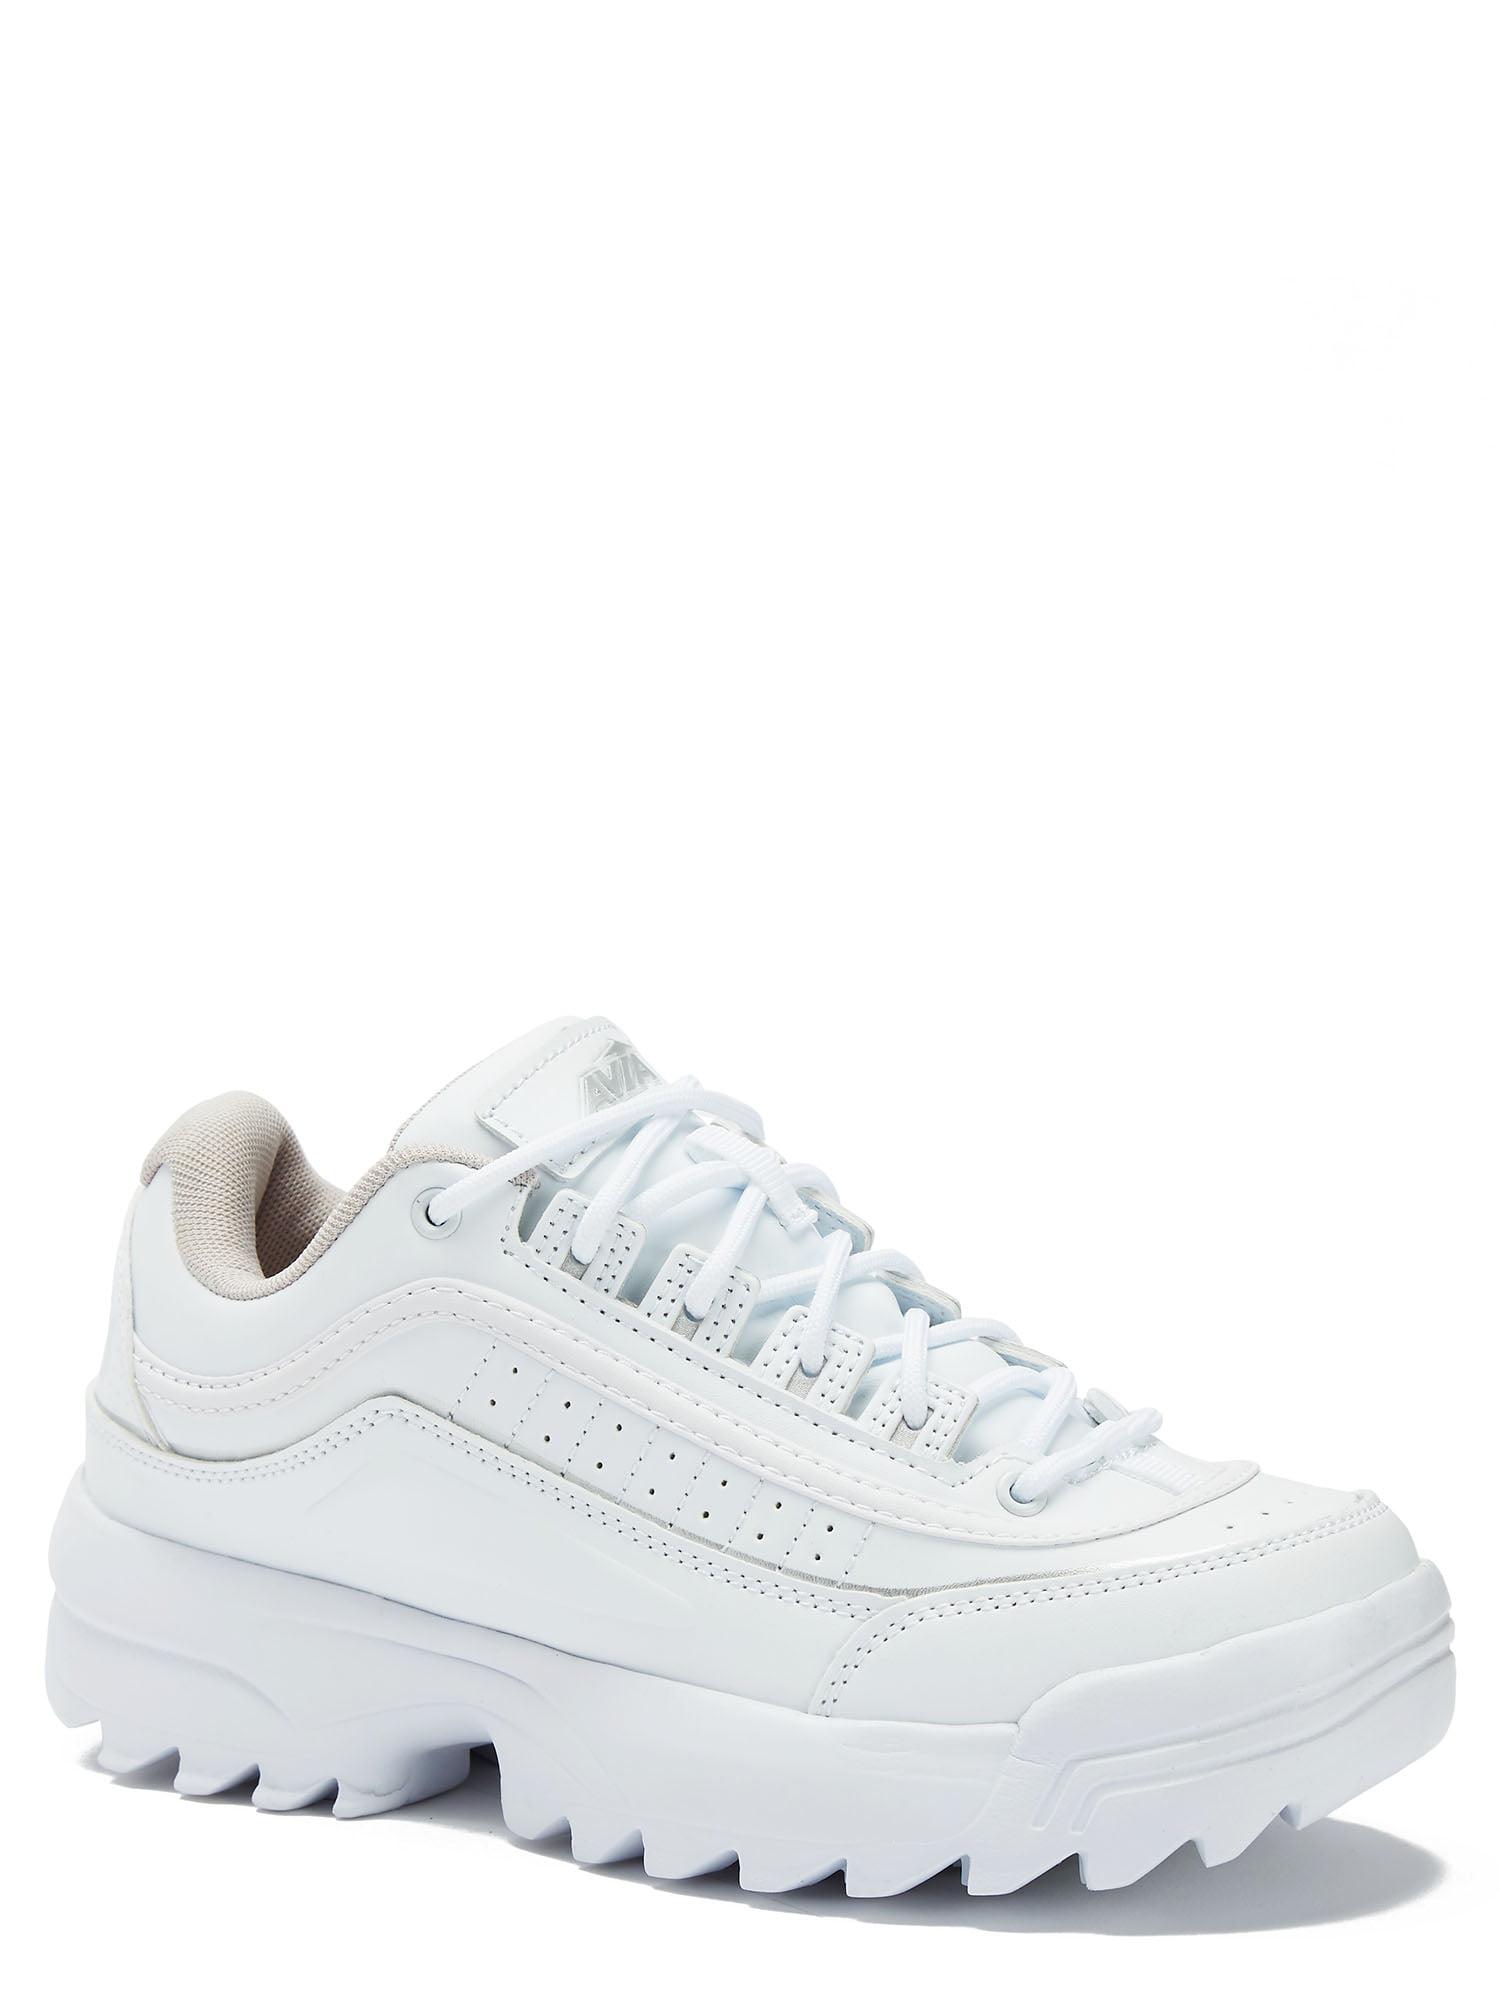 women's shoes walmart